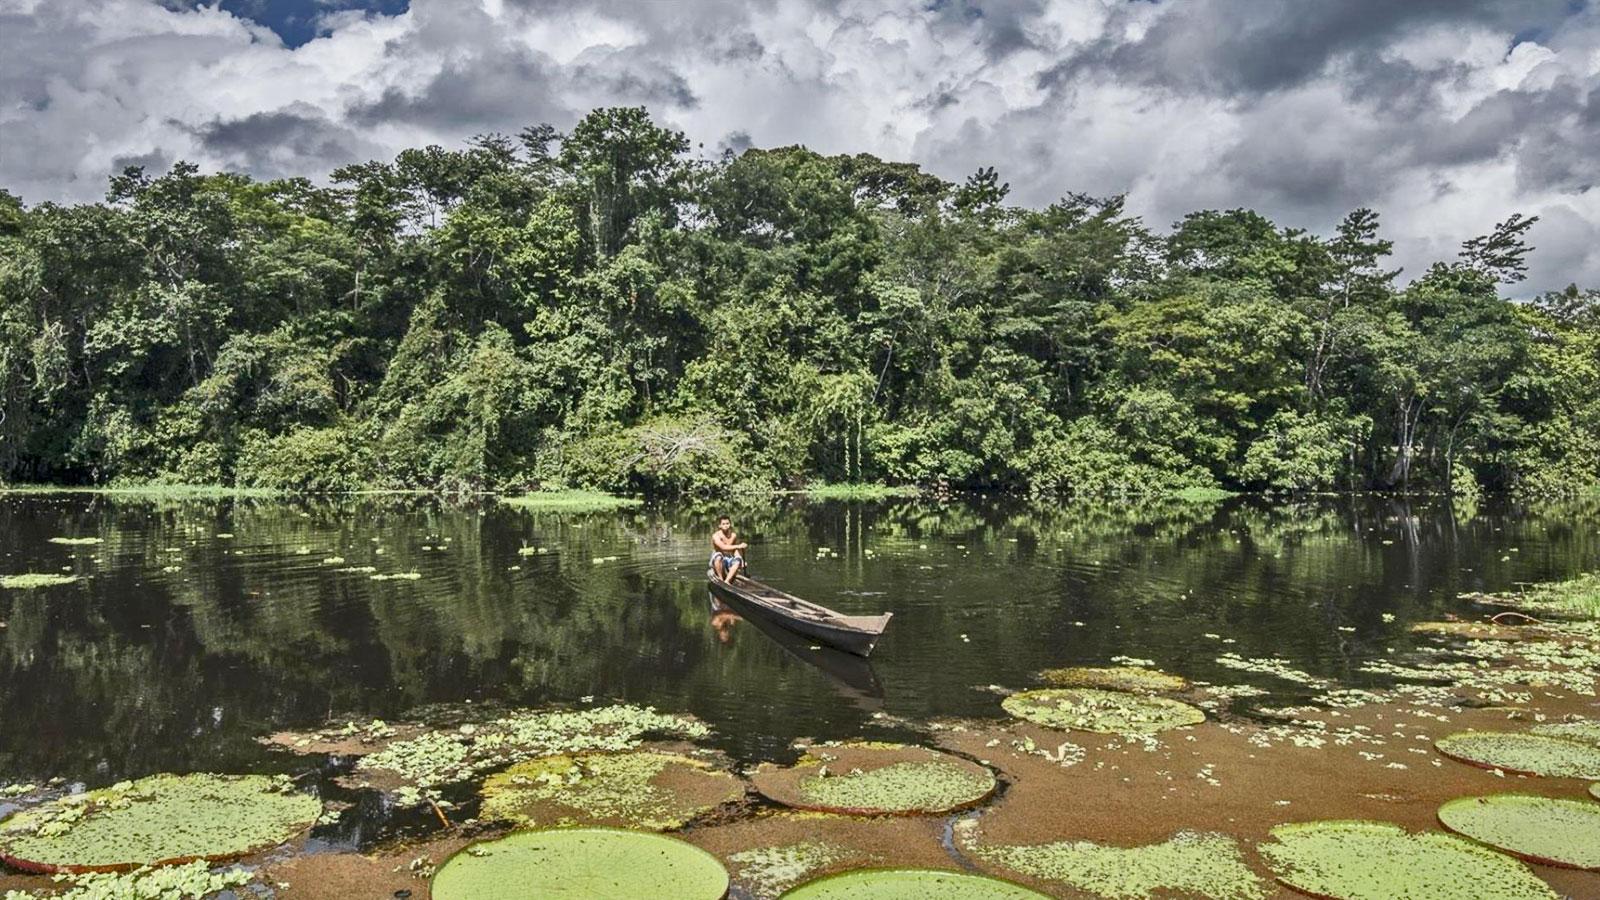 Amazonas Brasilien aktive Erlebnisreise Brasilien traveljunkies